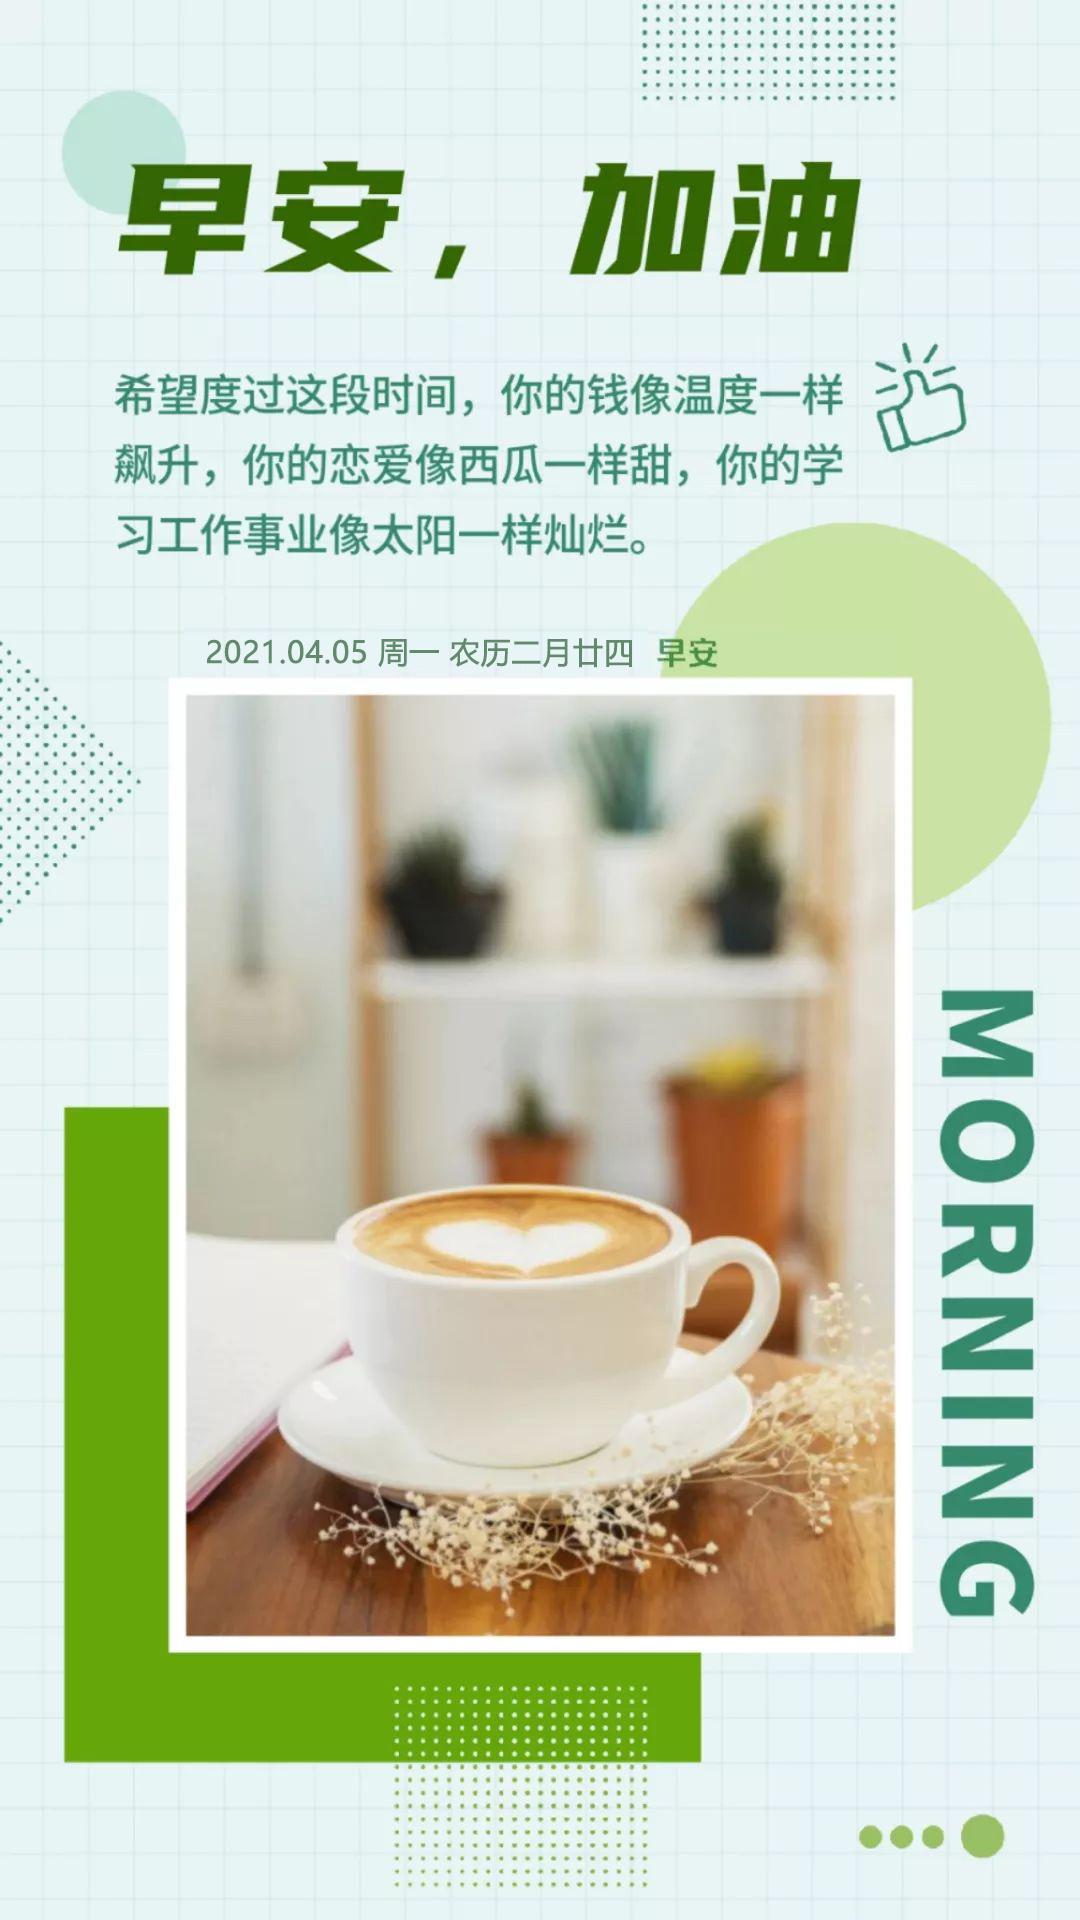 新周愉快正能量早安图片语录,周一早晨阳光问候句子